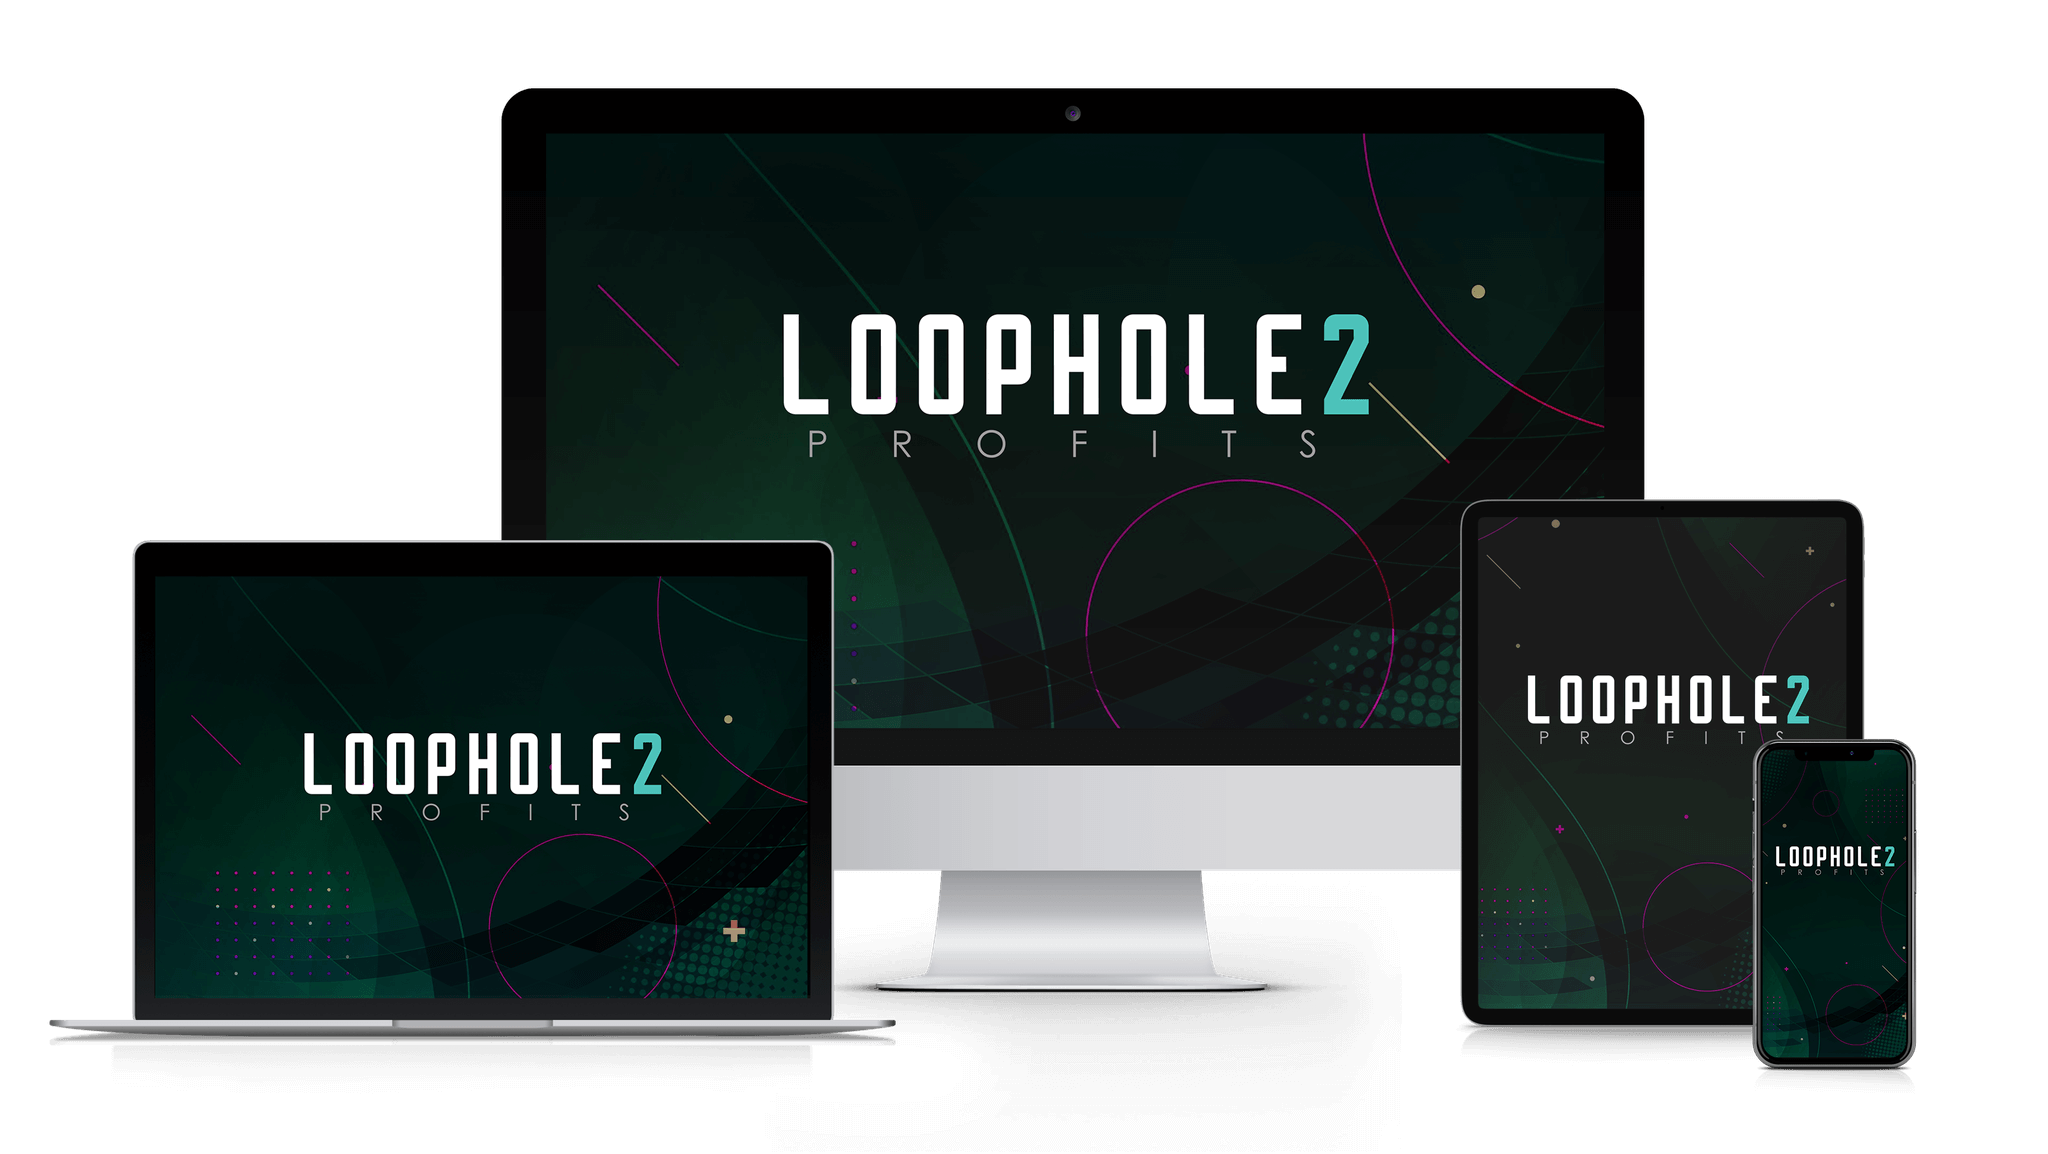 Loophole-2-Profits-Review